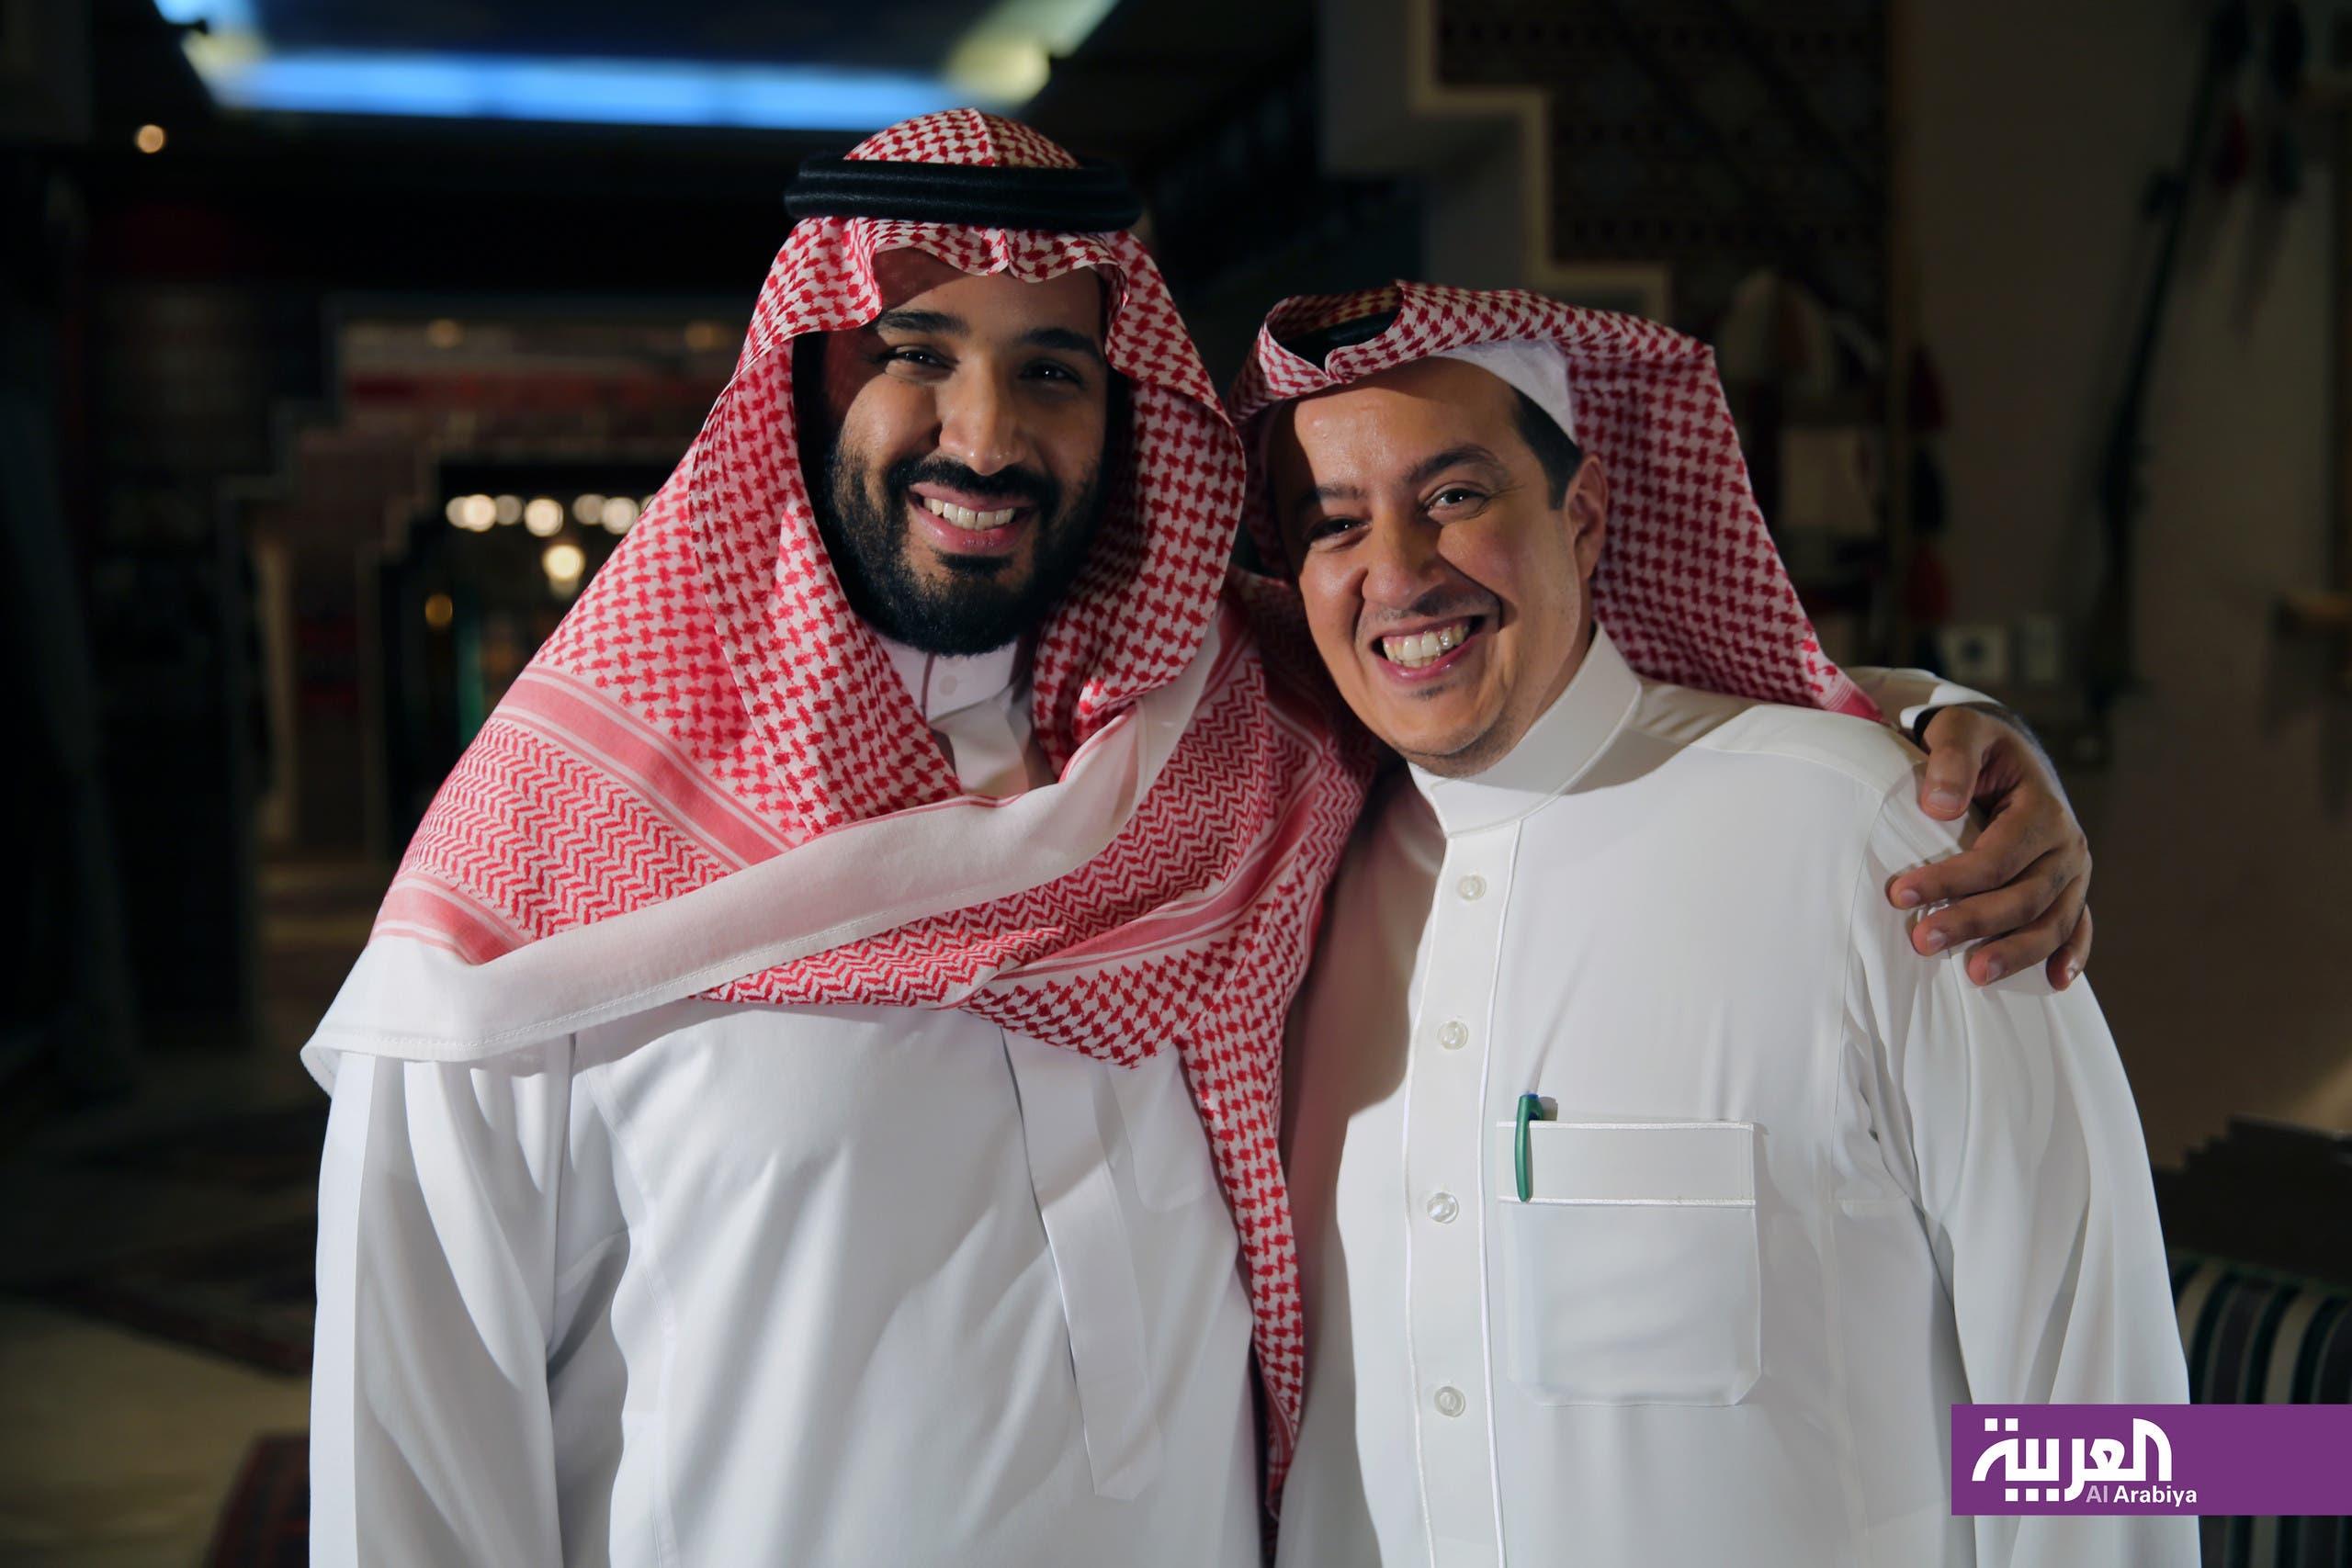 الأمير محمد بن سلمان والزميل تركي الدخيل